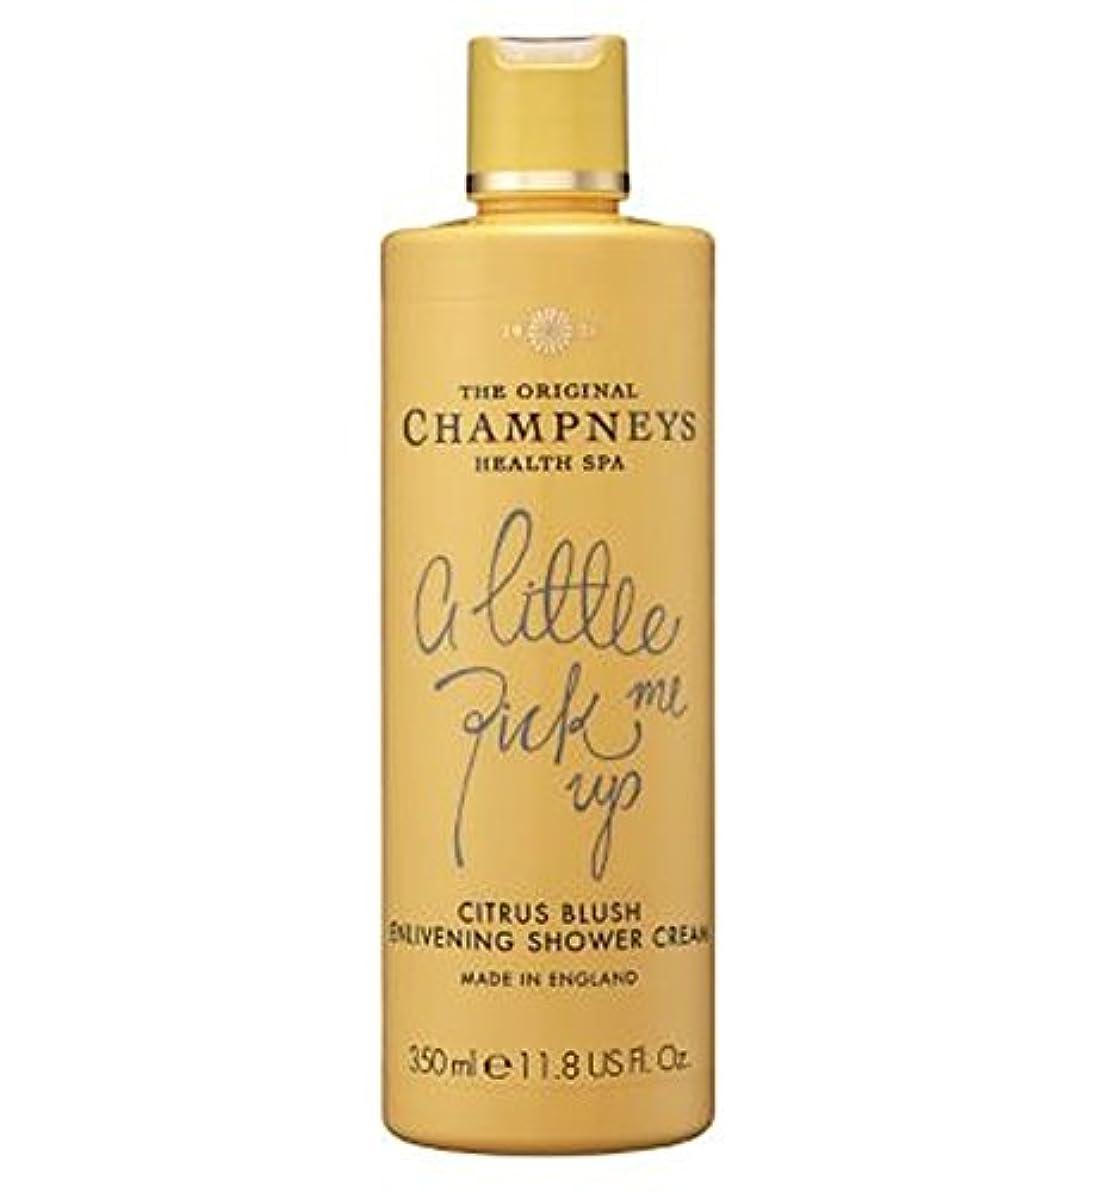 属するストリップ解体するChampneys Citrus Blush Enlivening Shower Cream 350ml - チャンプニーズシトラス赤面盛り上げシャワークリーム350ミリリットル (Champneys) [並行輸入品]